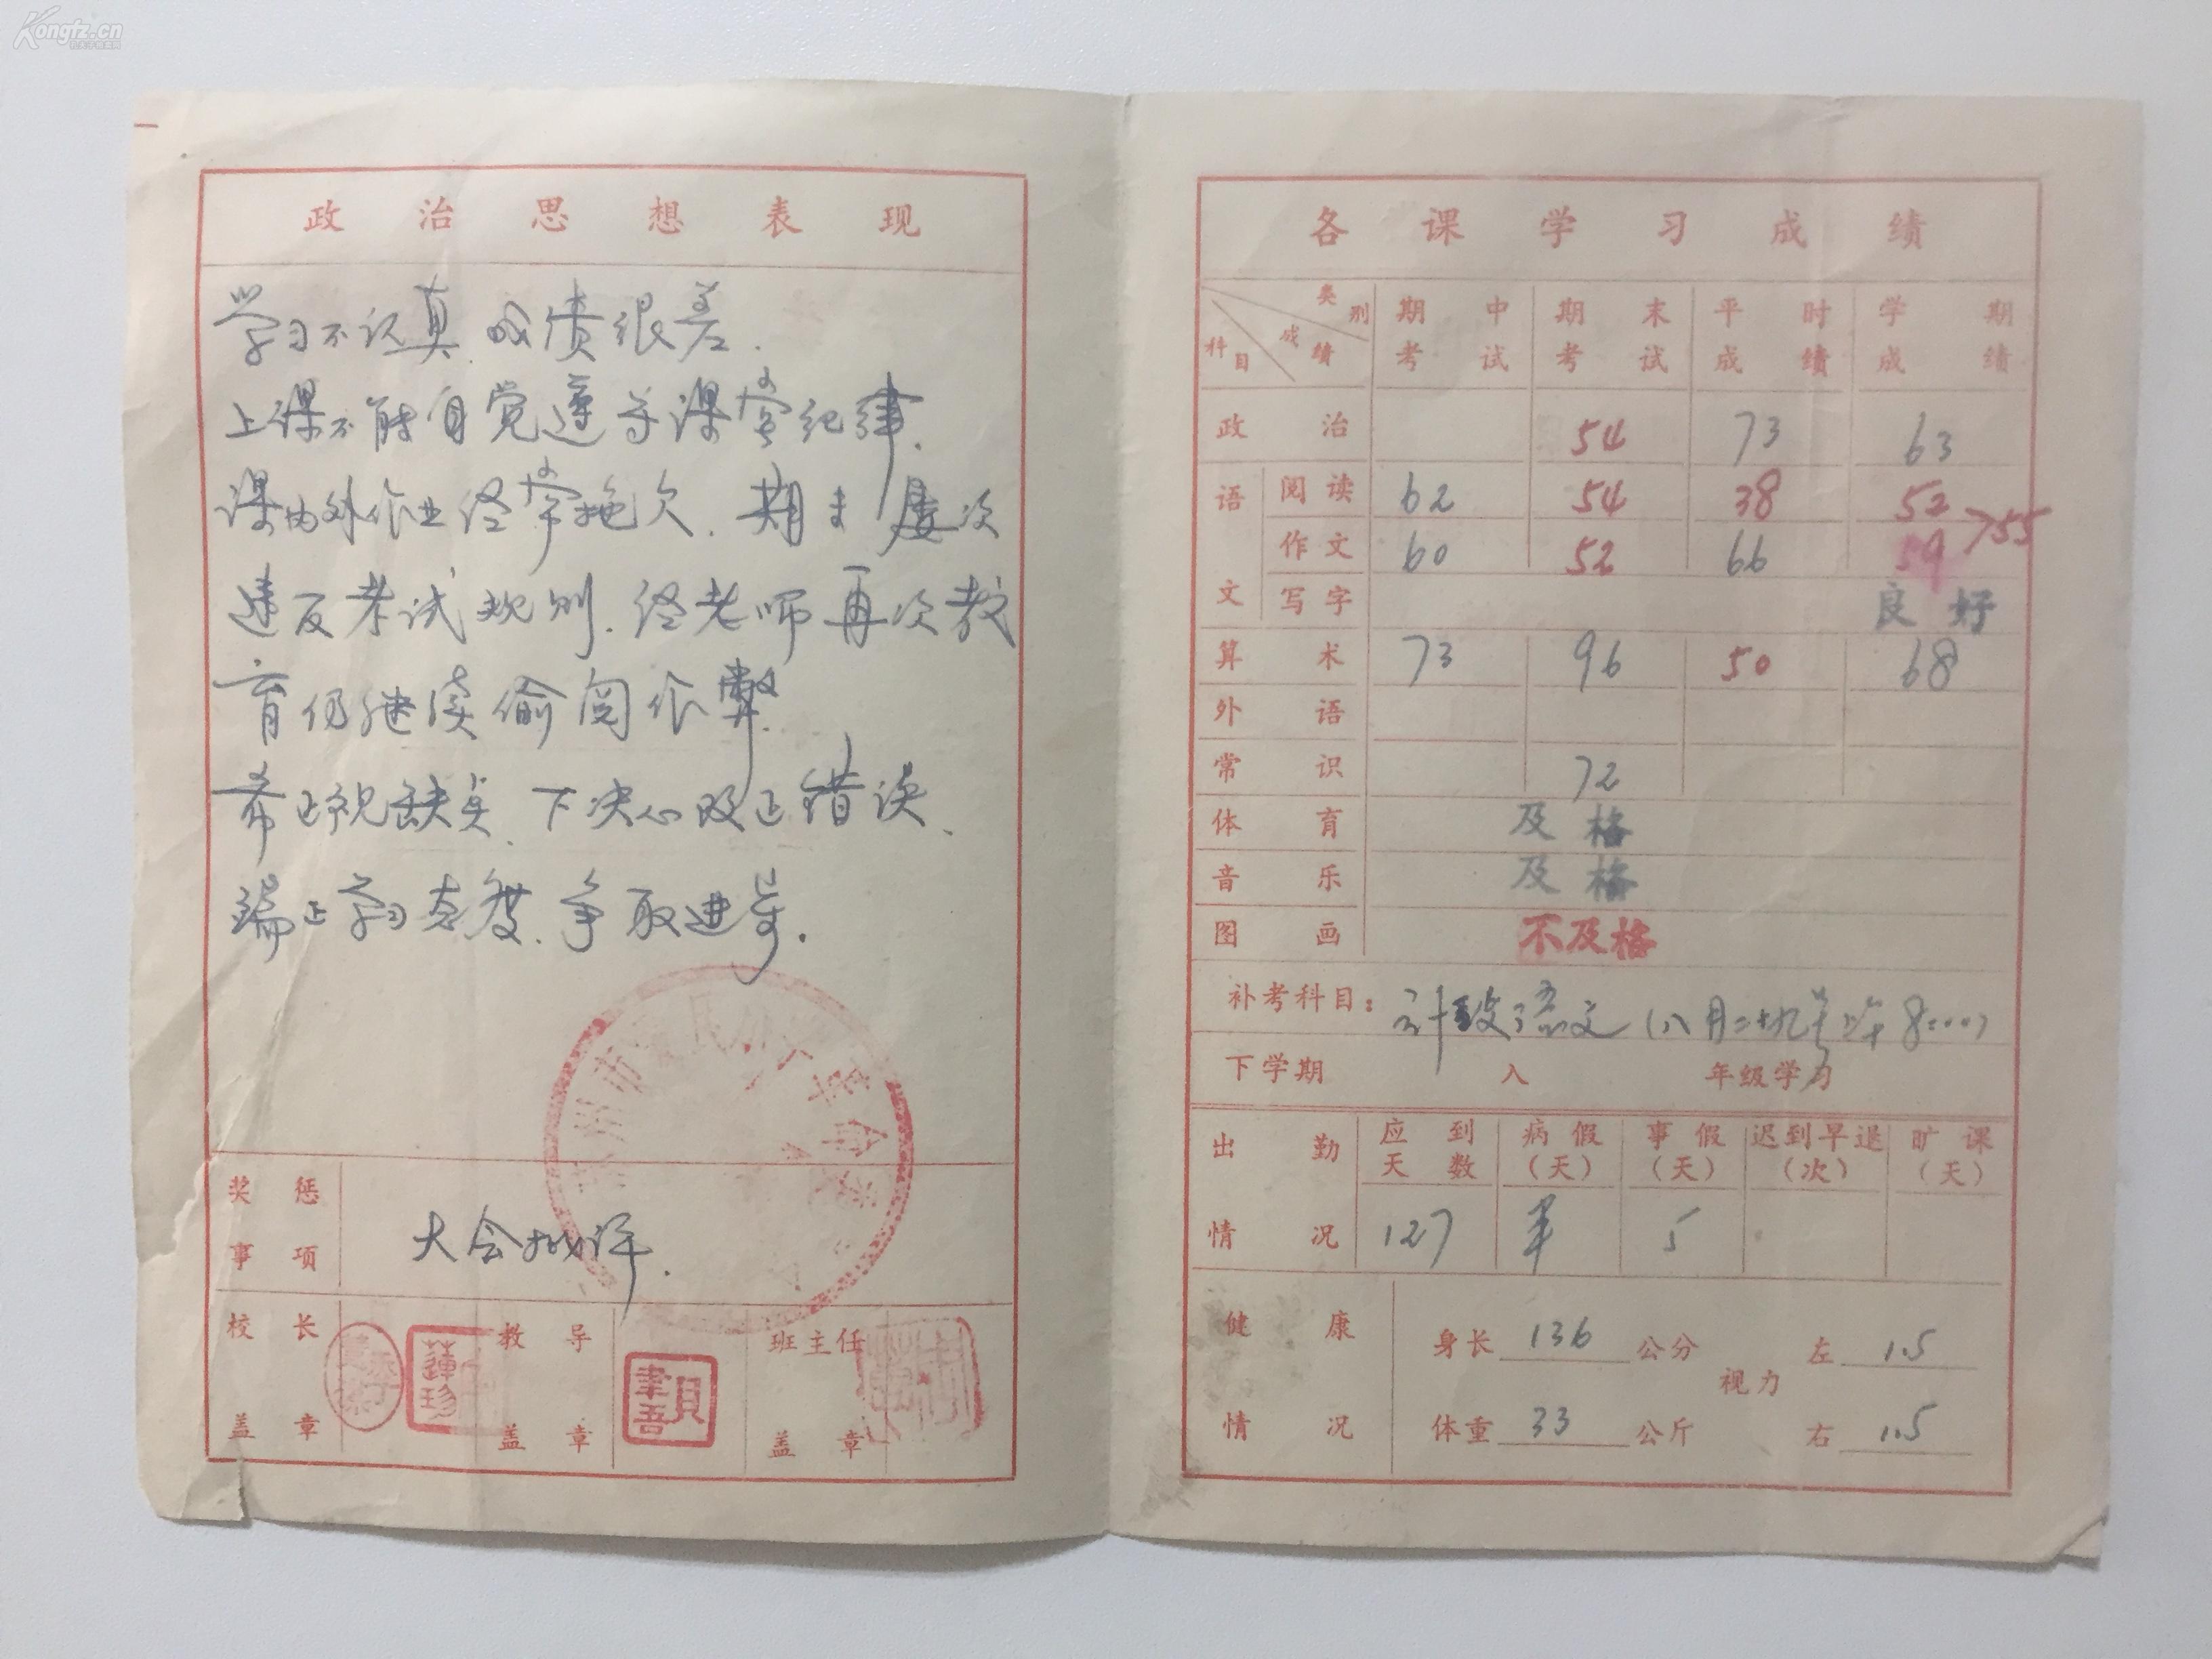 1979年苏州市爱民小学四(1)班《学生情况v小学校长小学柏林图片